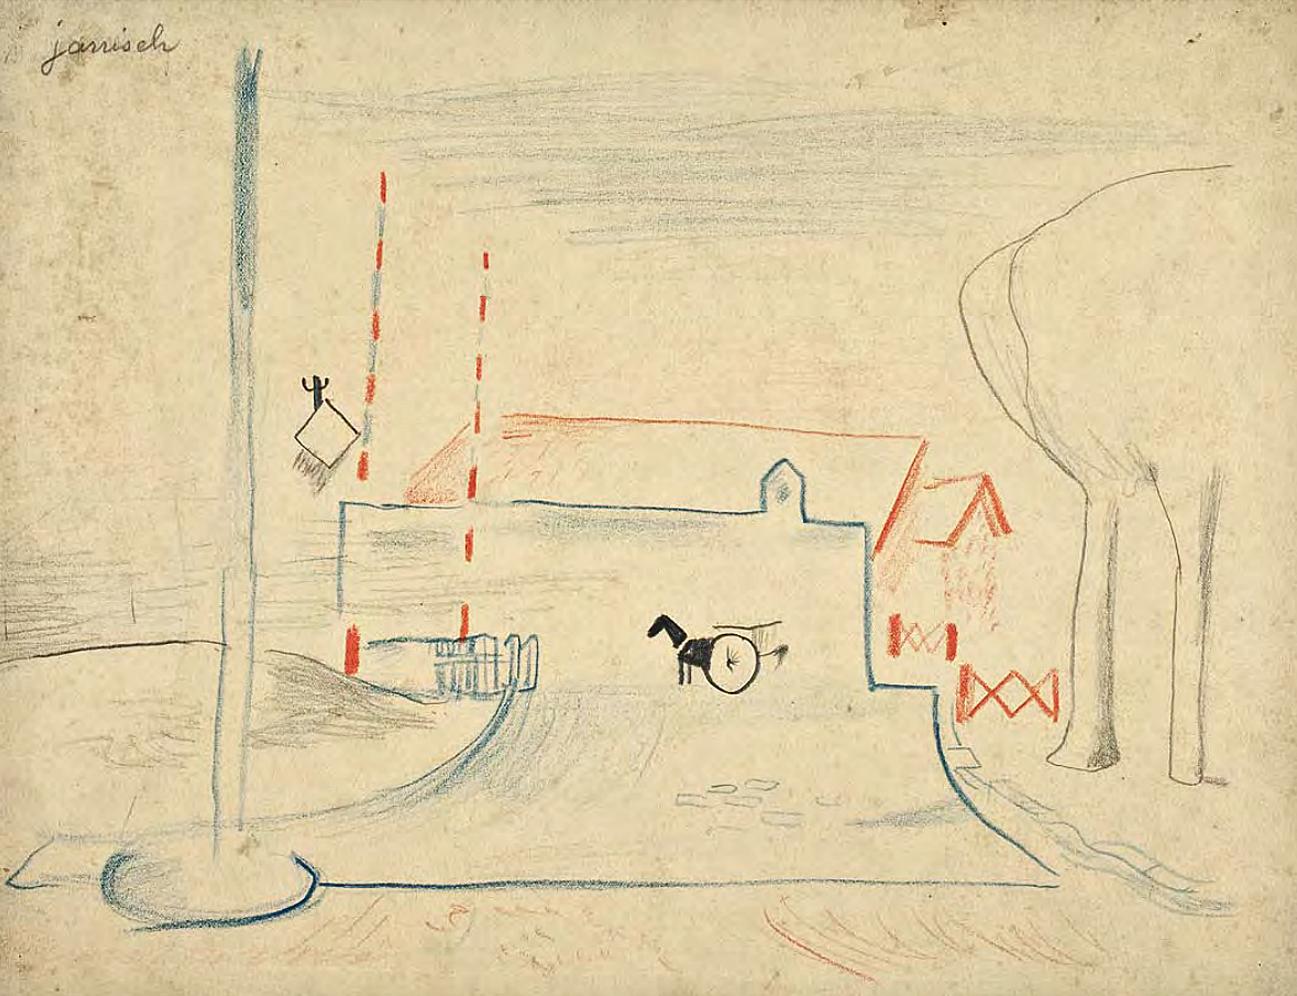 Єжи Яніш. Париж залізнодорожний переїзд, 1925; папір, олівець, крейда; NMWr